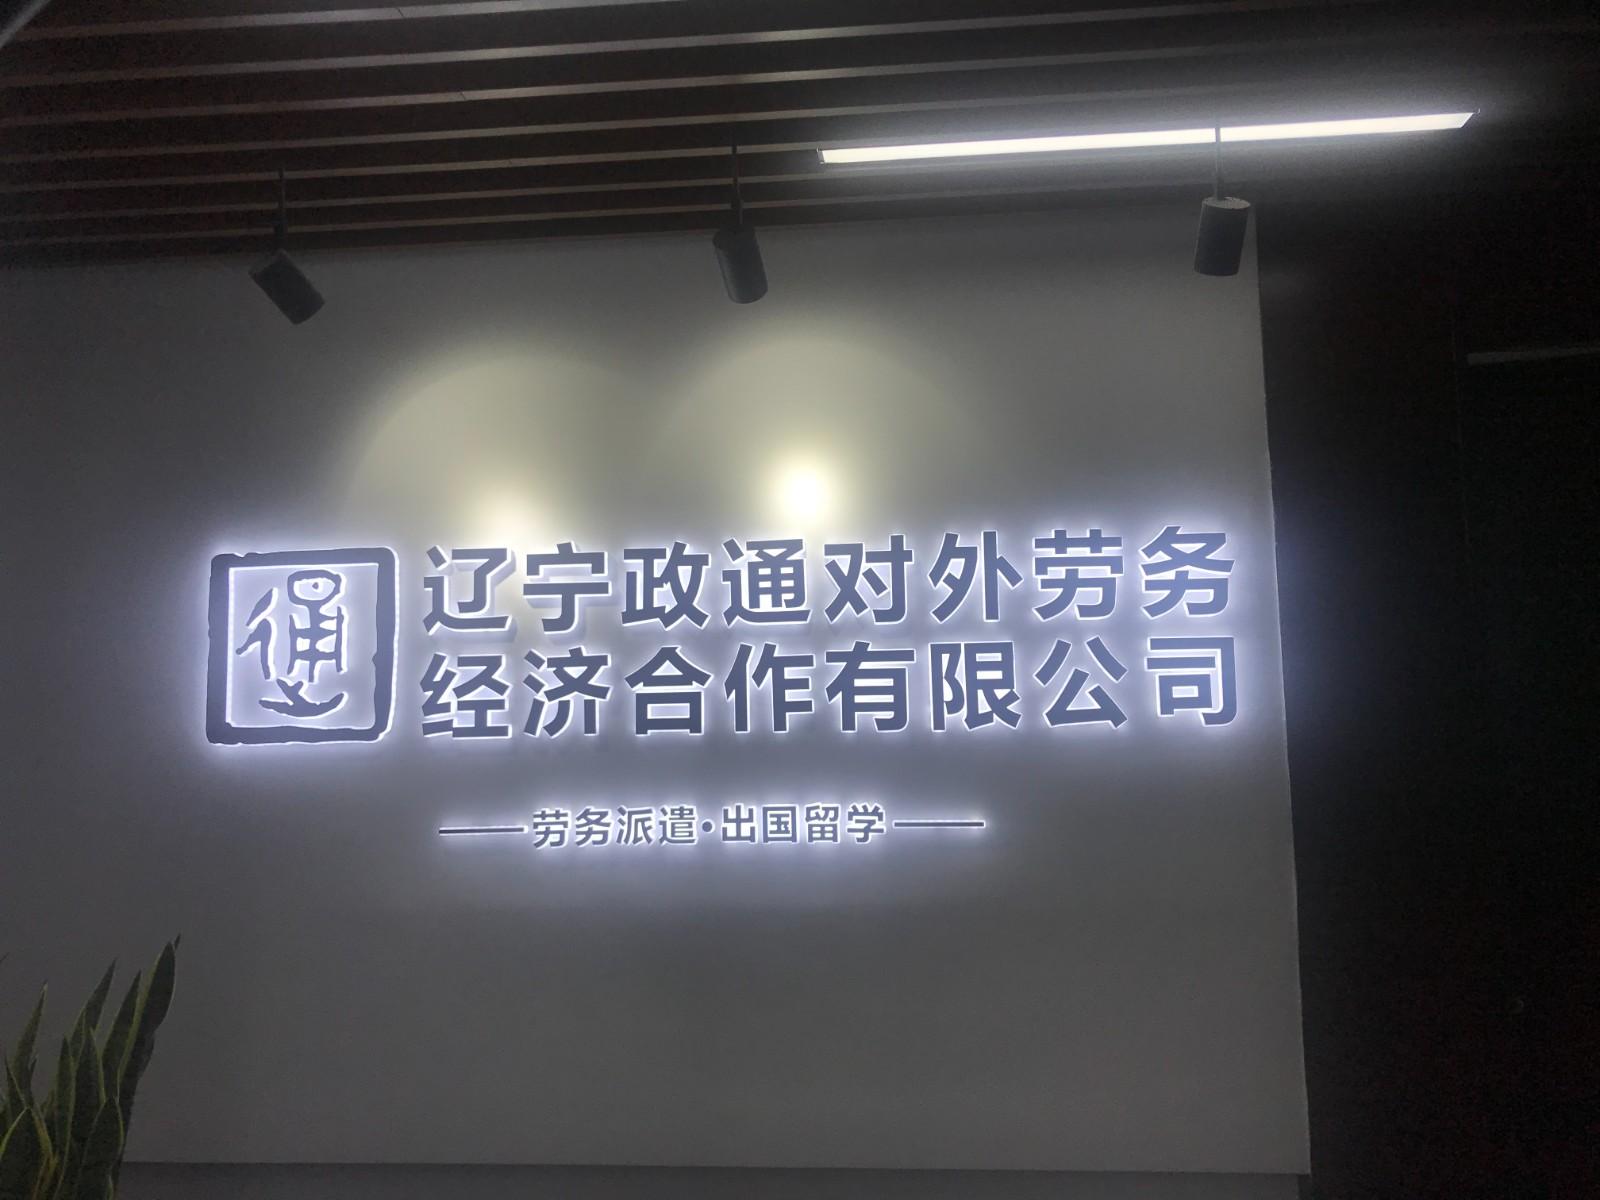 辽宁政通对外劳务经济合作有限公司.jpg